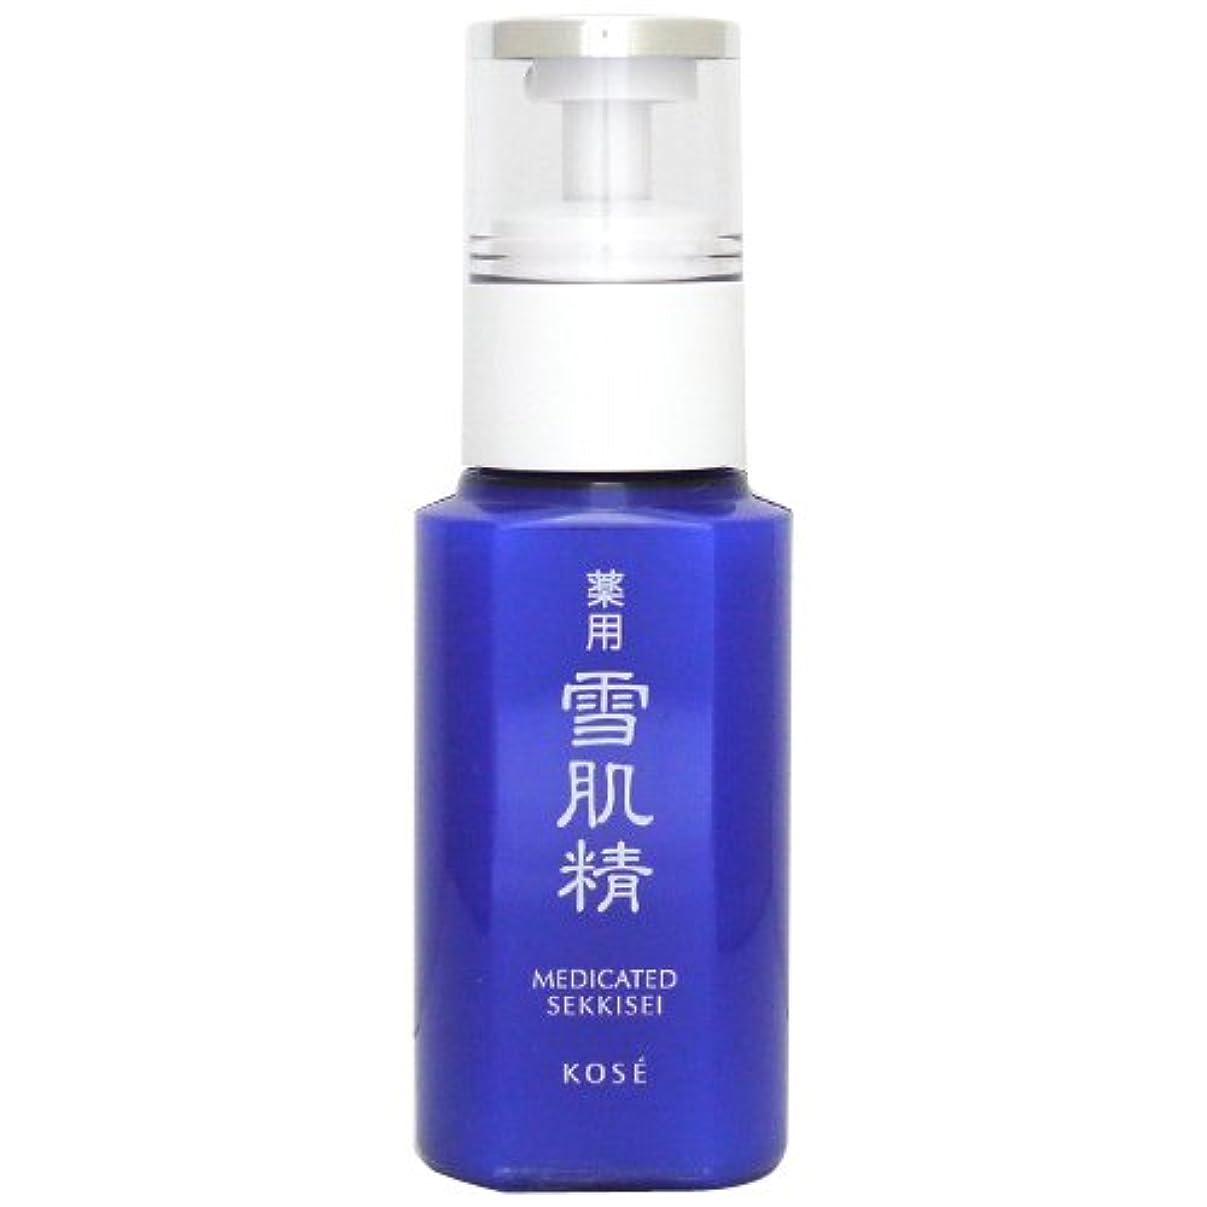 パス遅い委任するコーセー雪肌精 薬用 乳液(トライアルサイズ) 限定 【save the blue】 70mL